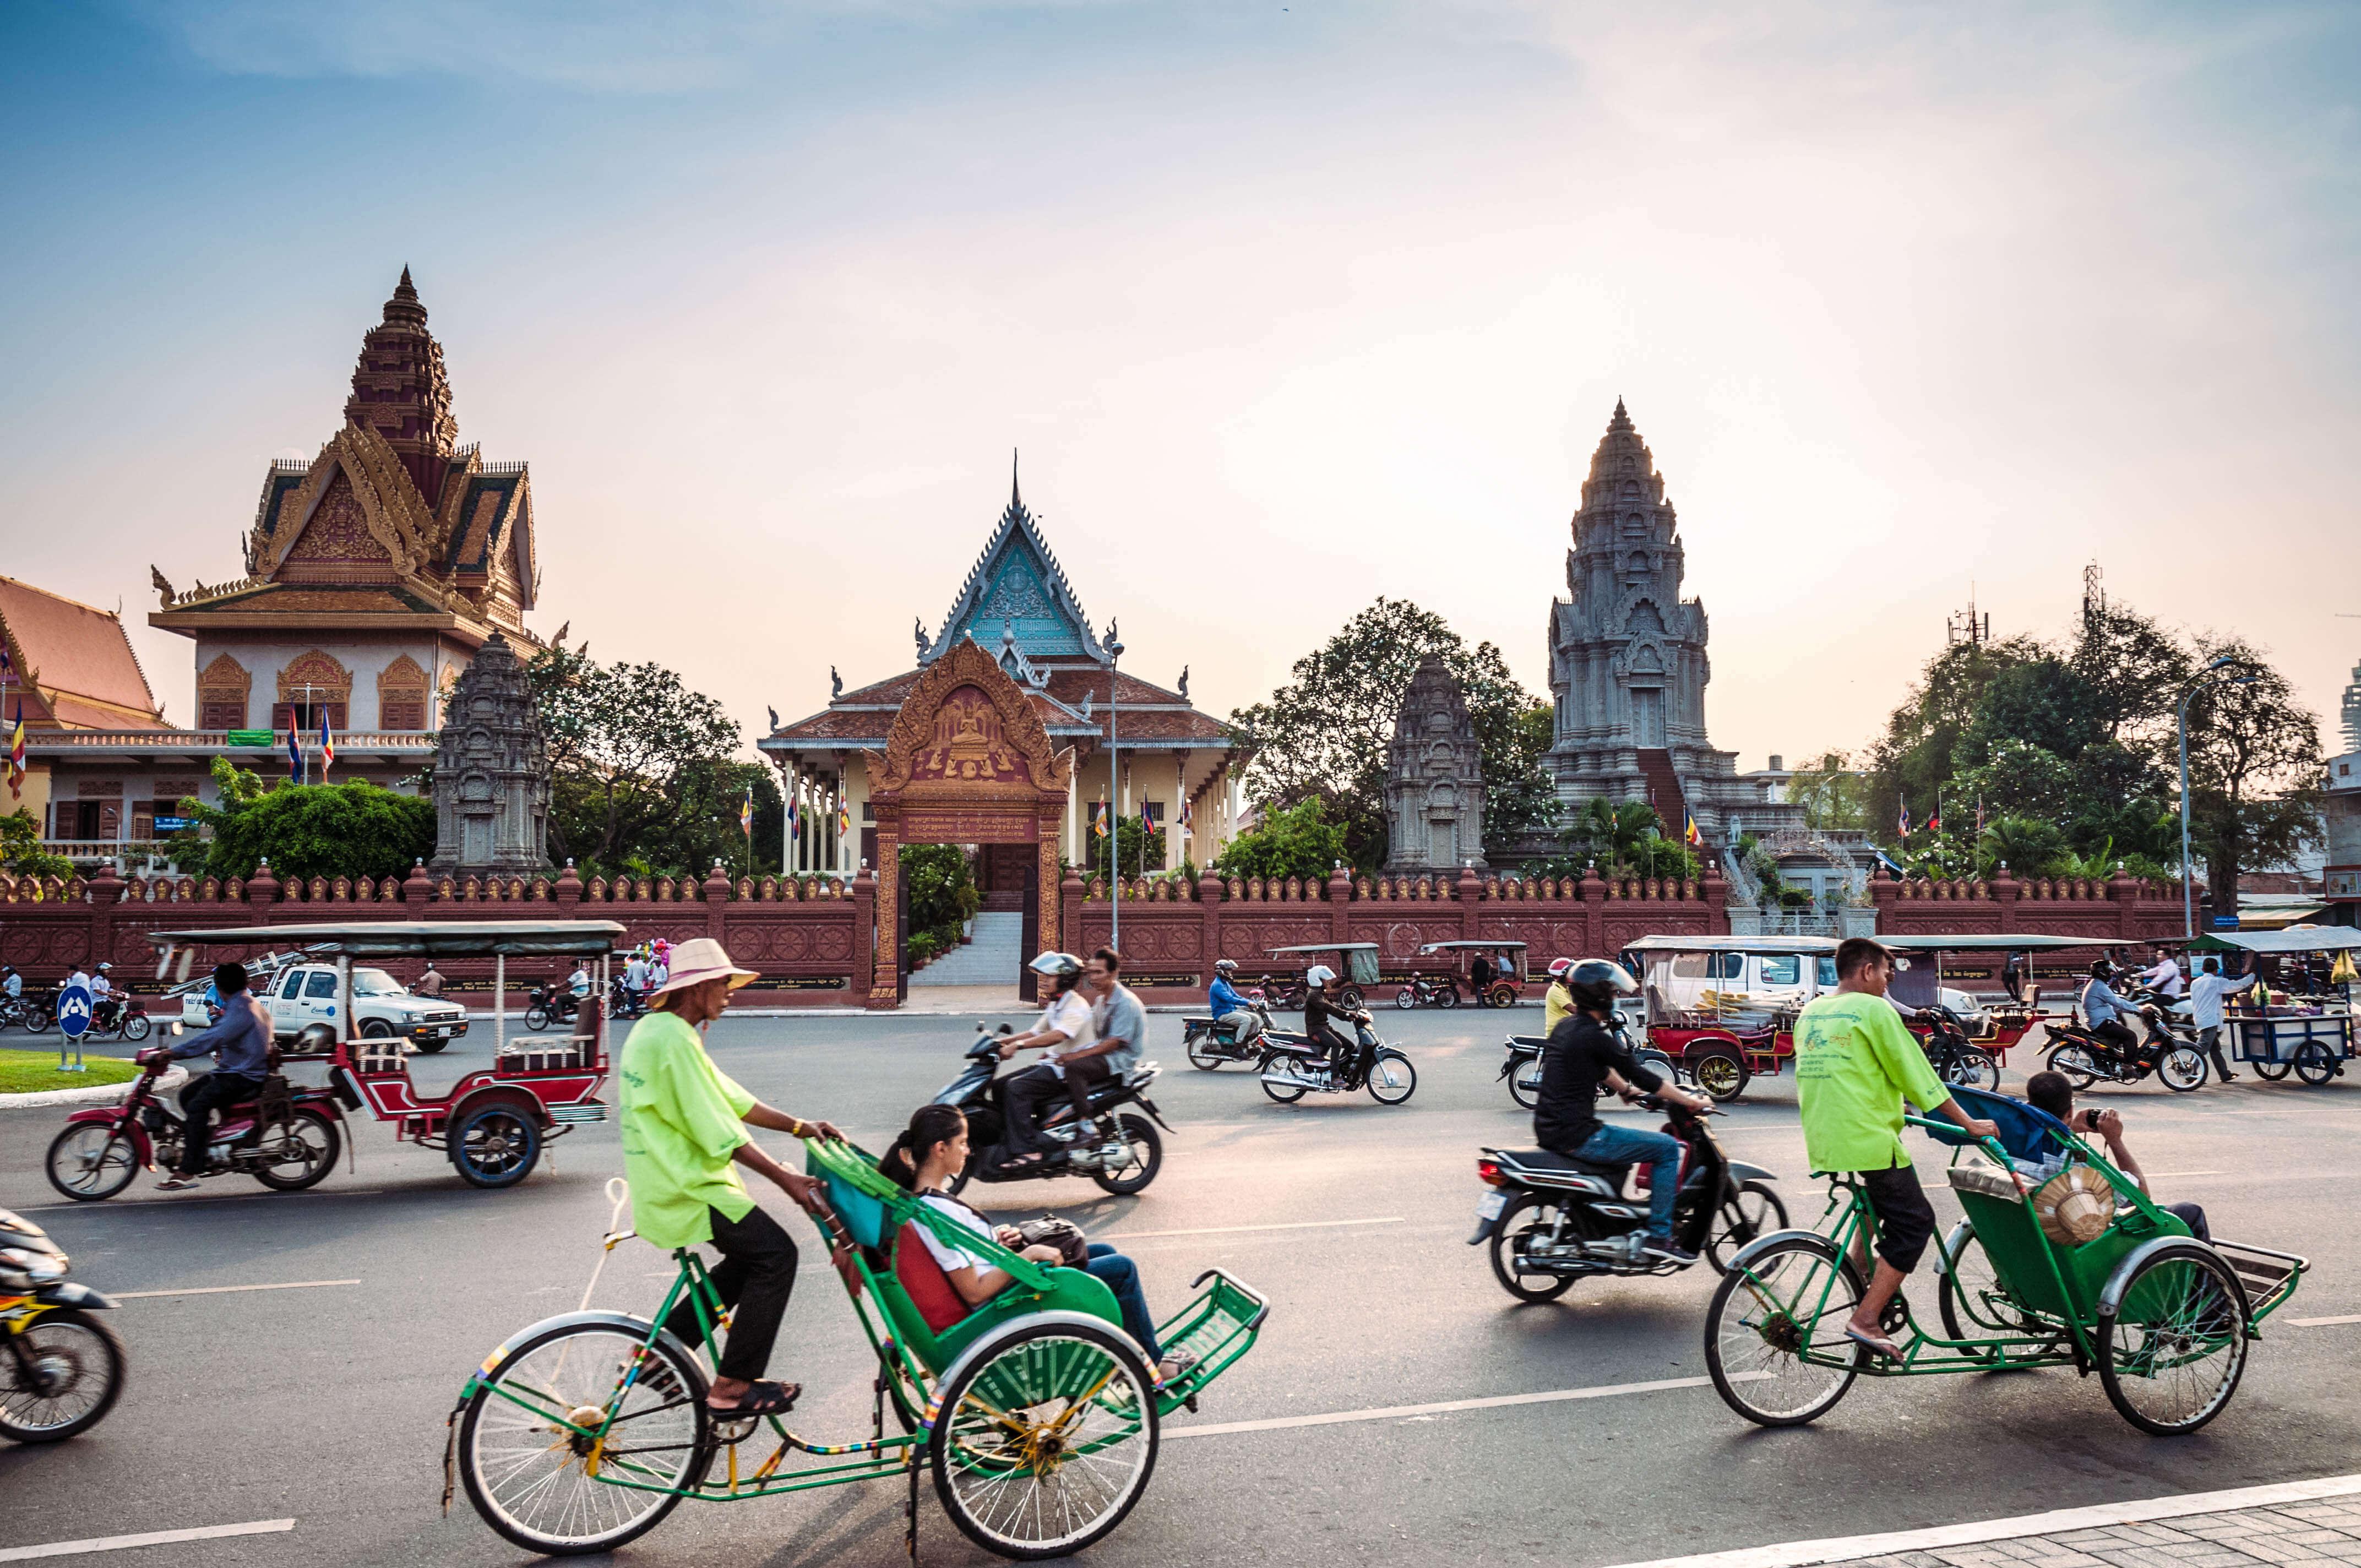 der Verkehr vor einem buddhistischen Tempel in Kambodscha